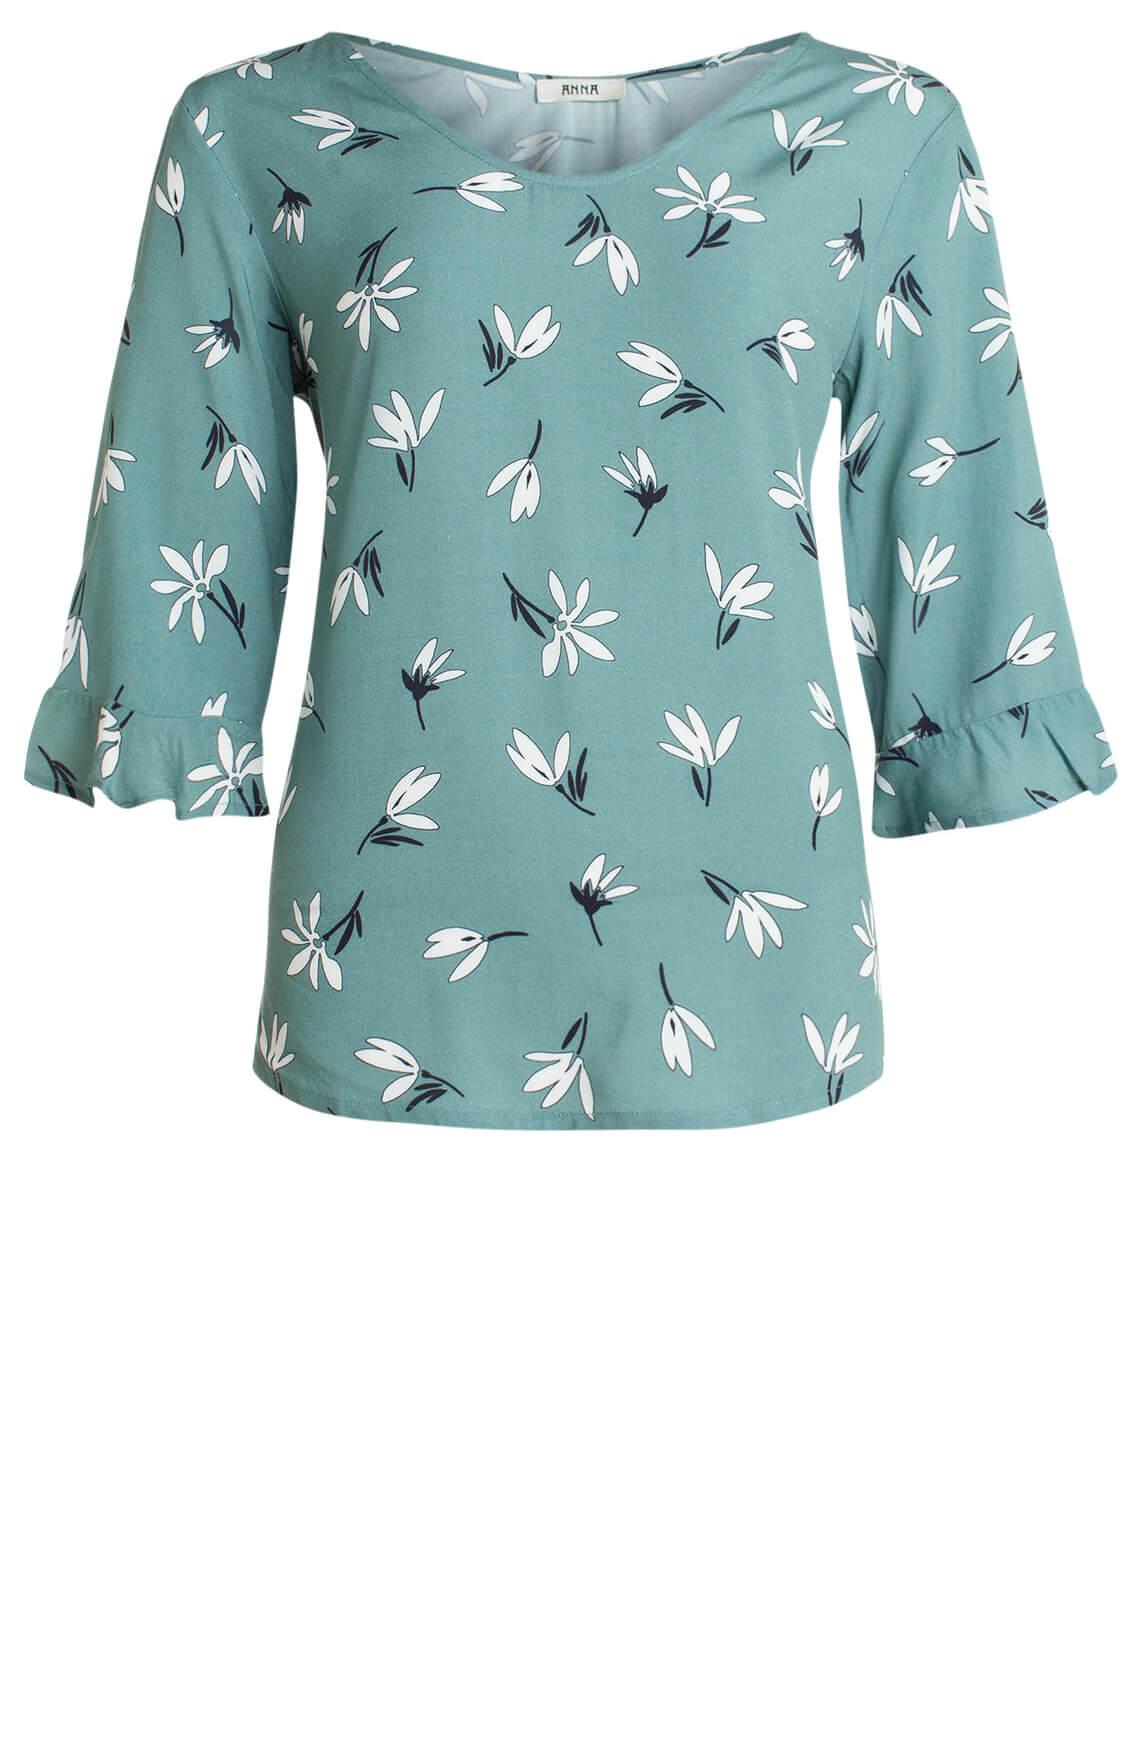 Anna Dames Blouse met bloemenprint groen